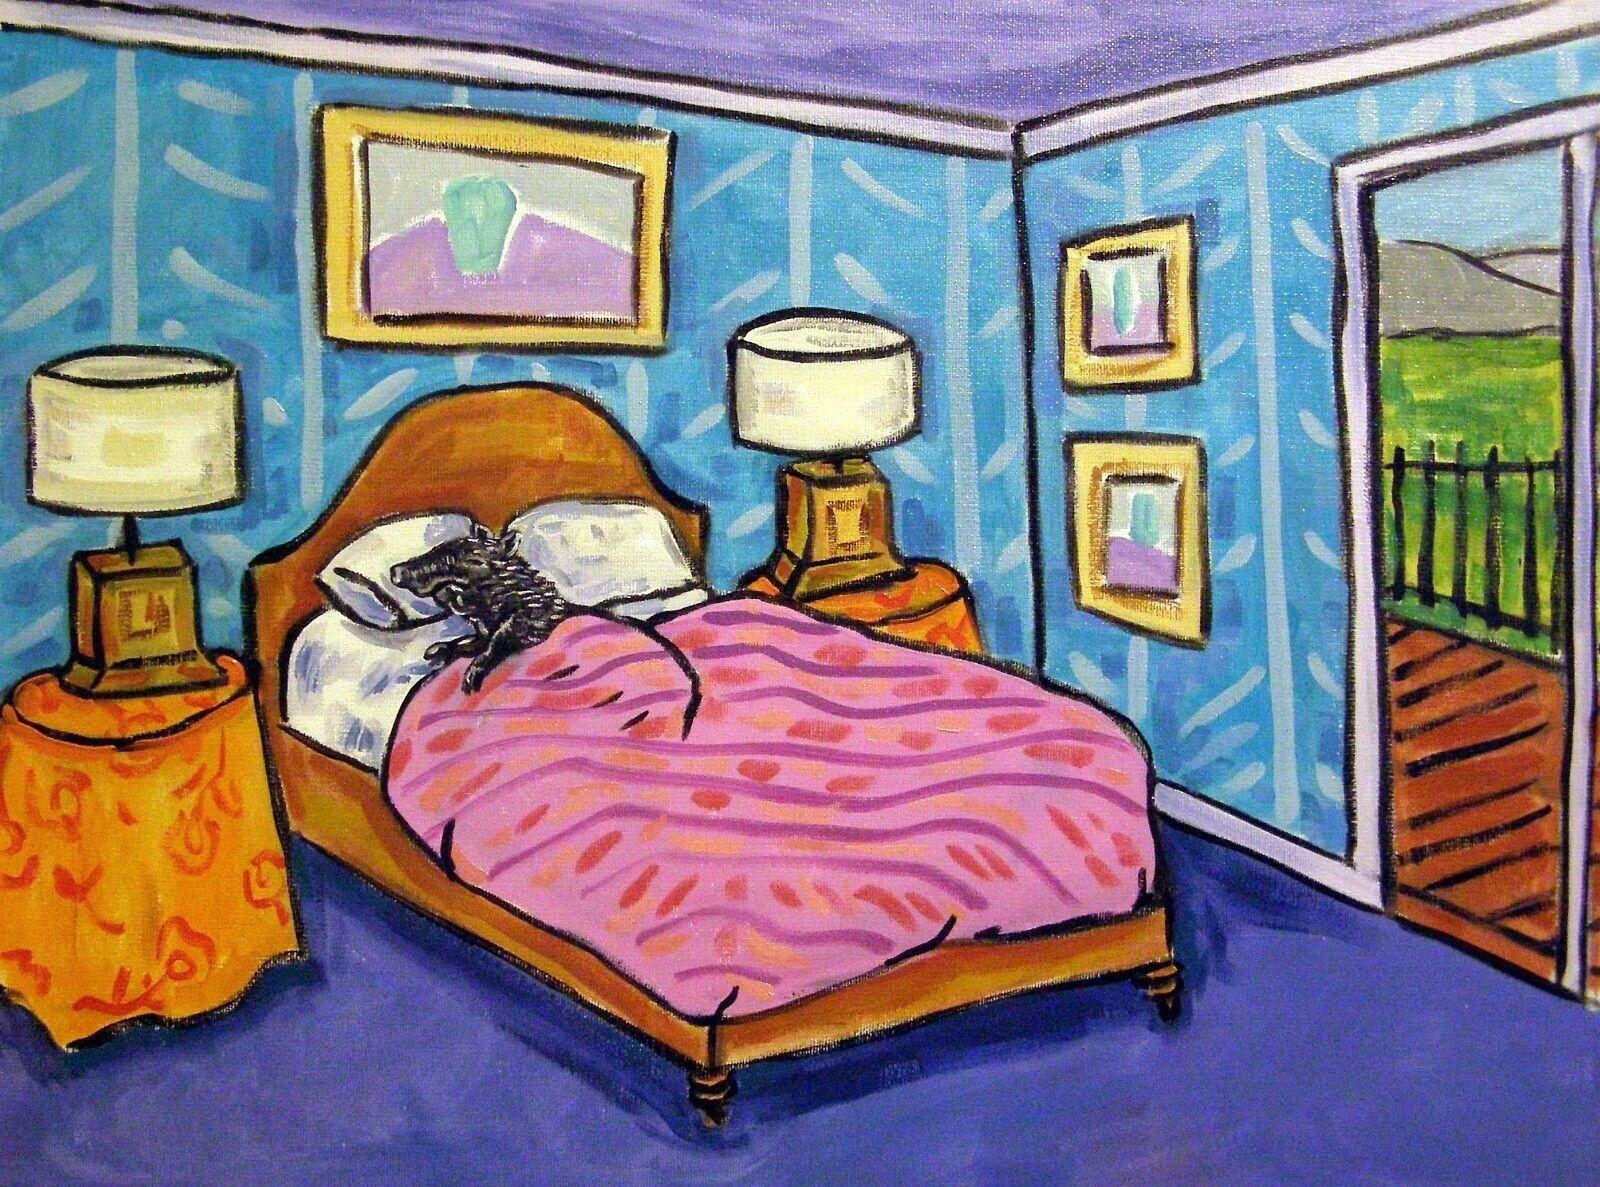 WHITE CAT art bedroom 4x6   poster gift modern folk  modern folk GLOSSY PRINT